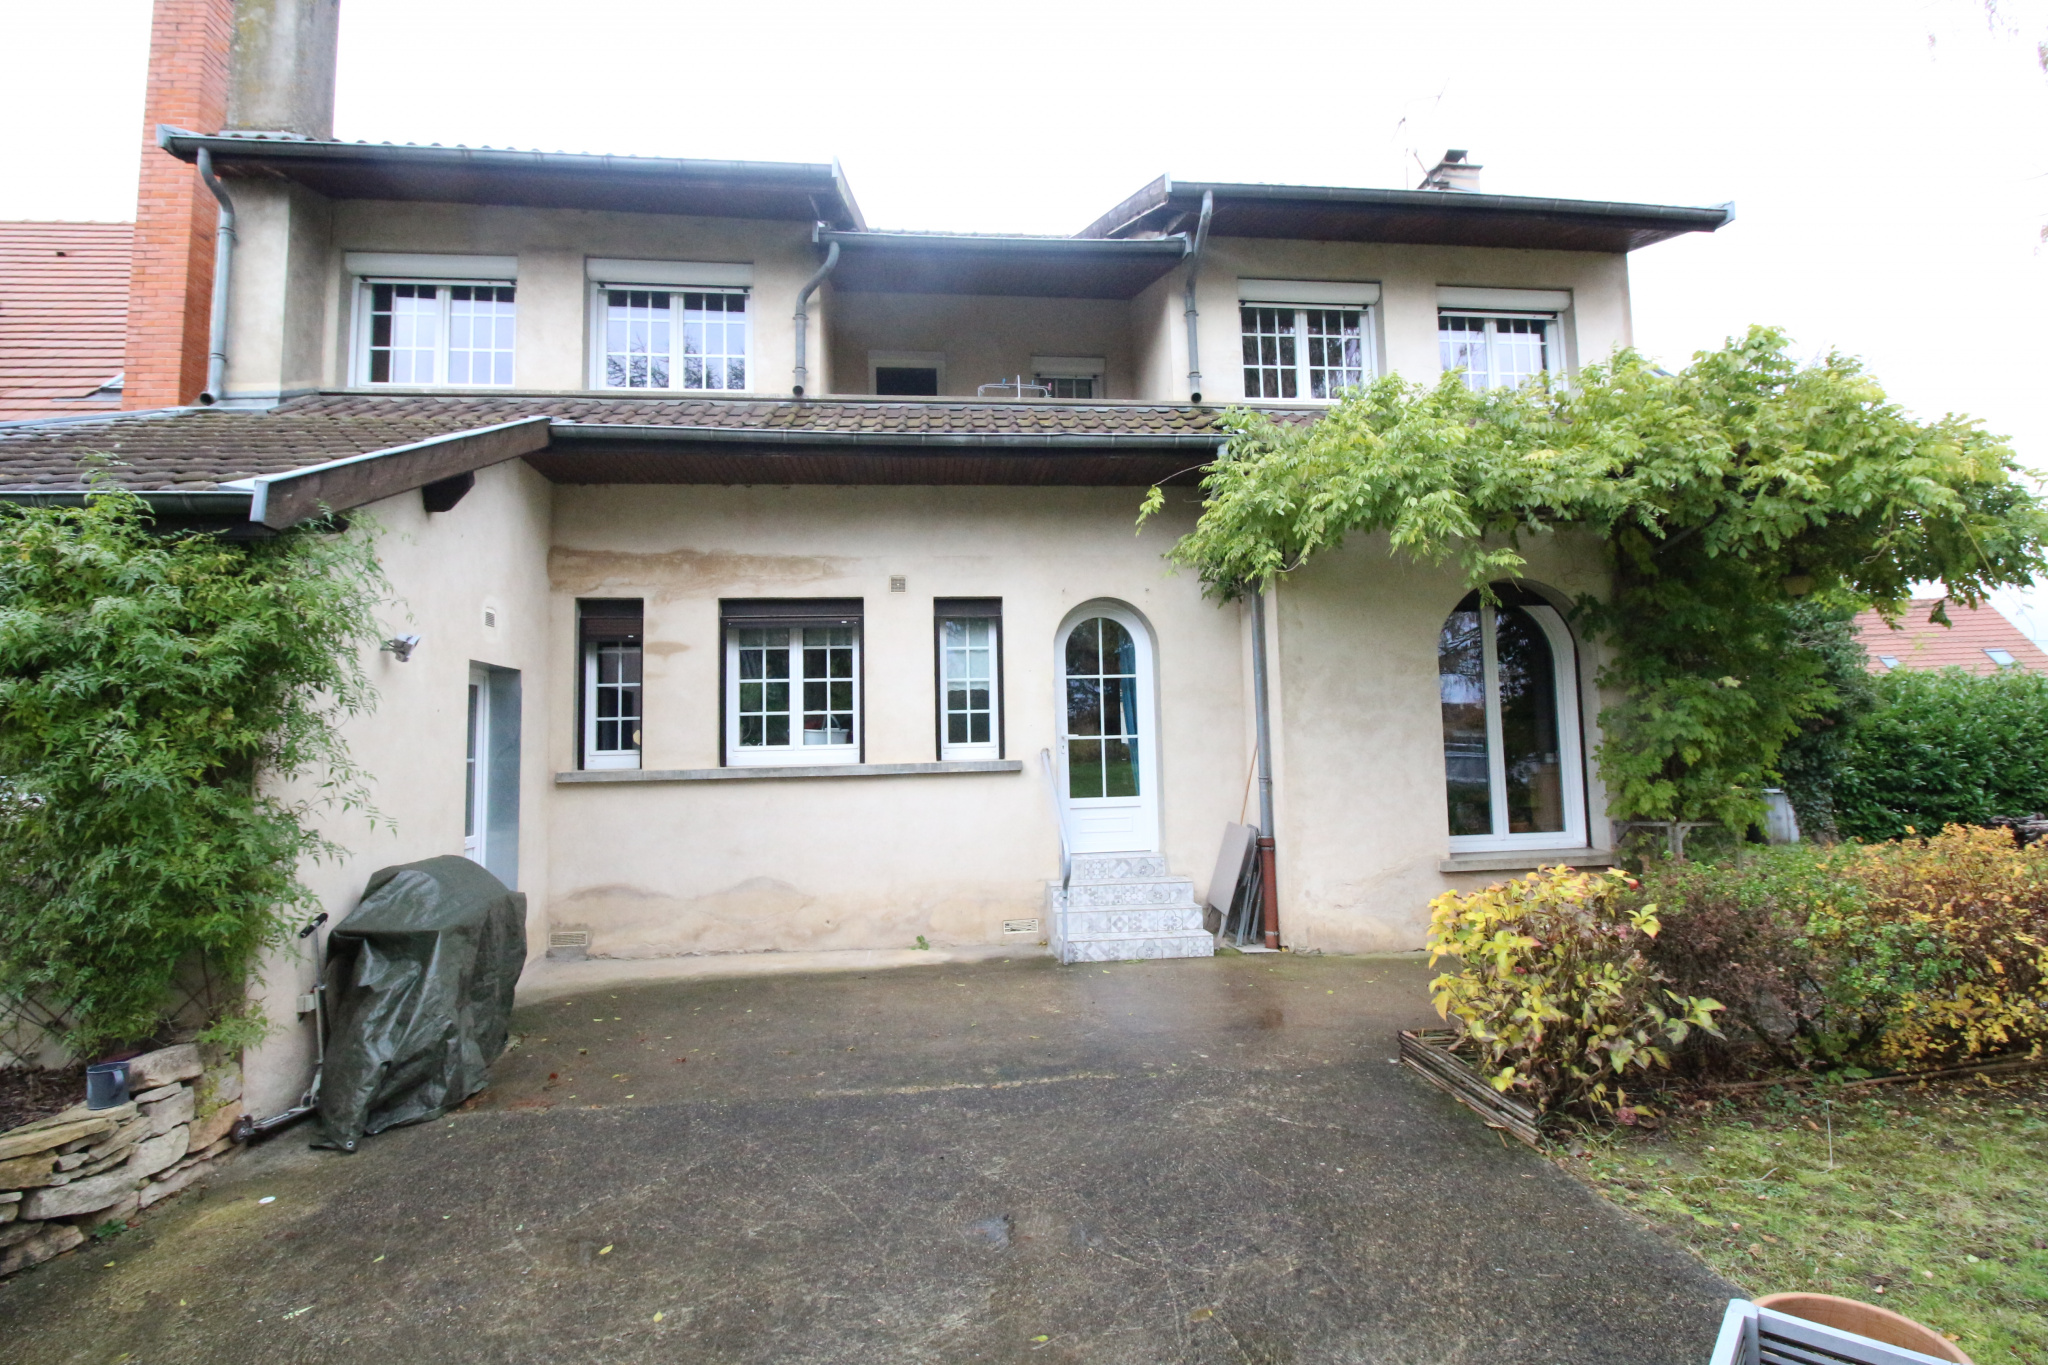 Vente maison/villa seurre